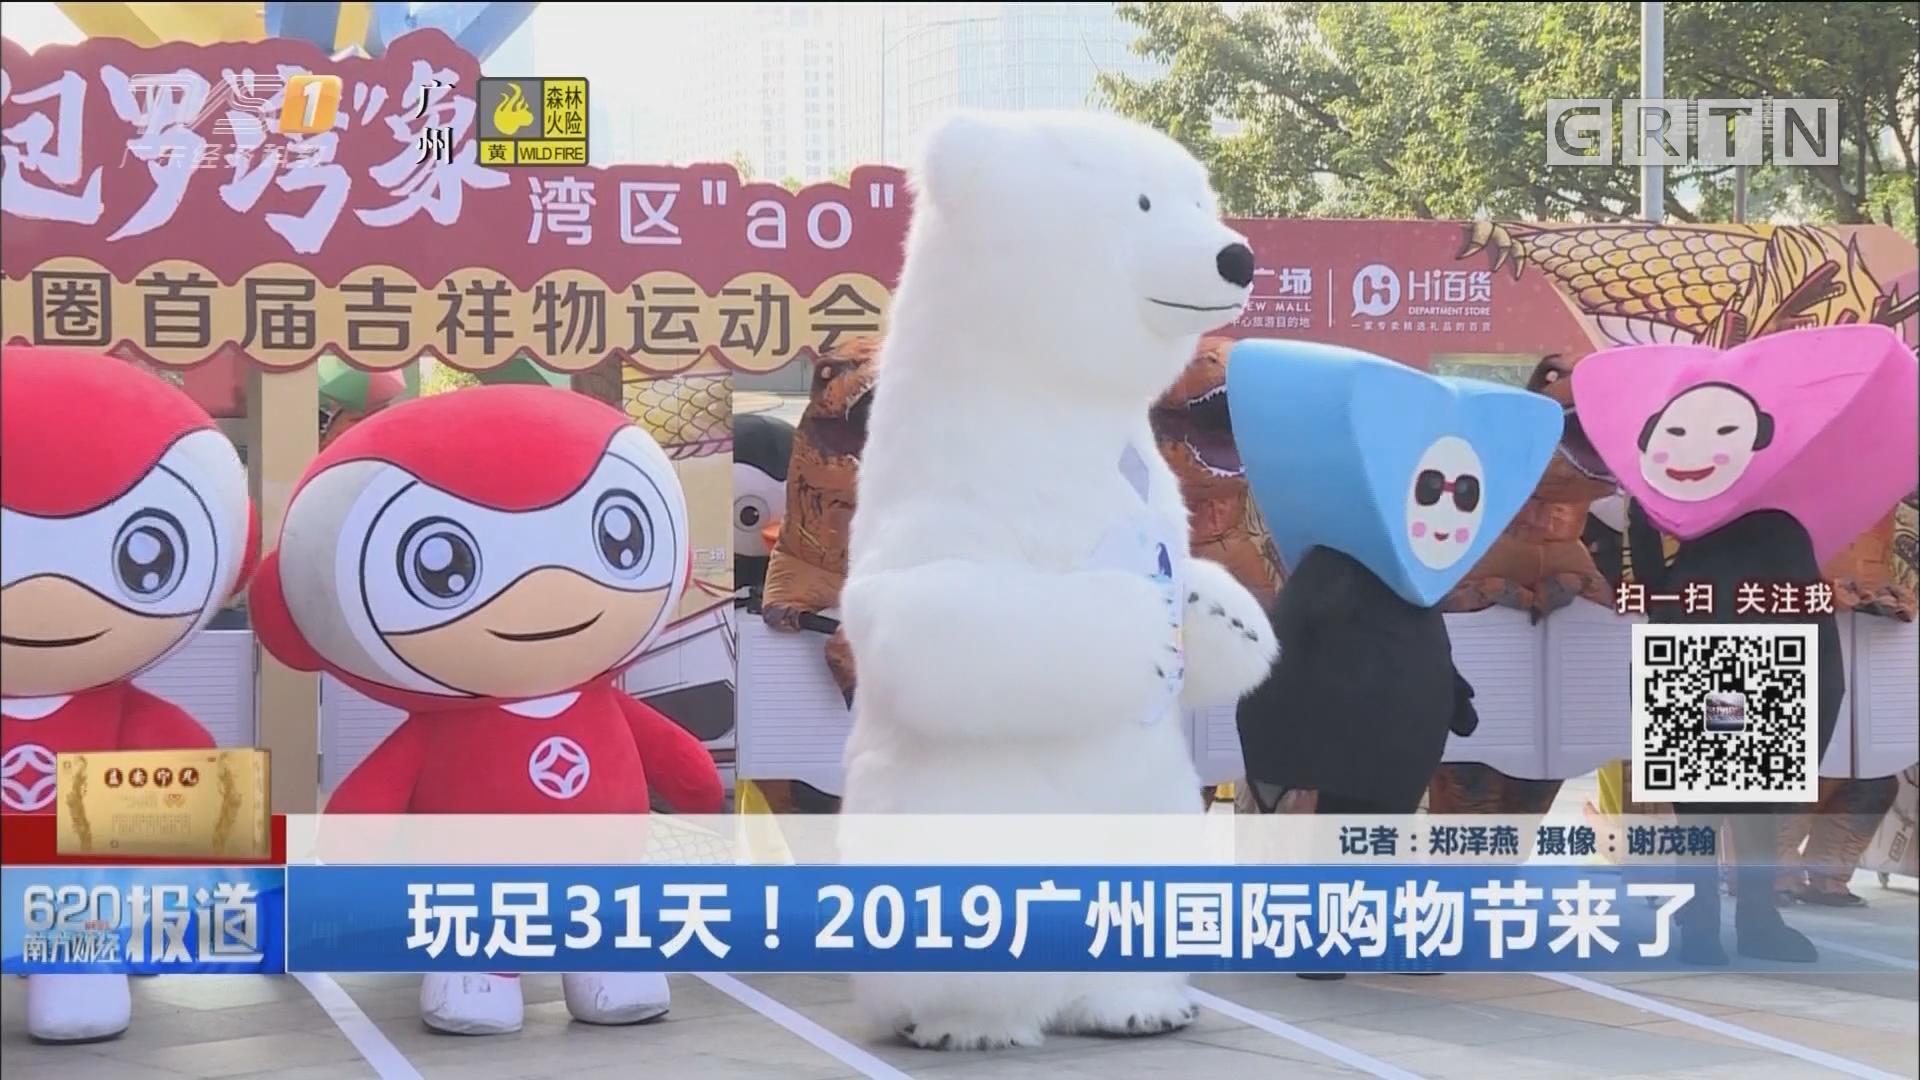 玩足31天!2019广州国际购物节来了